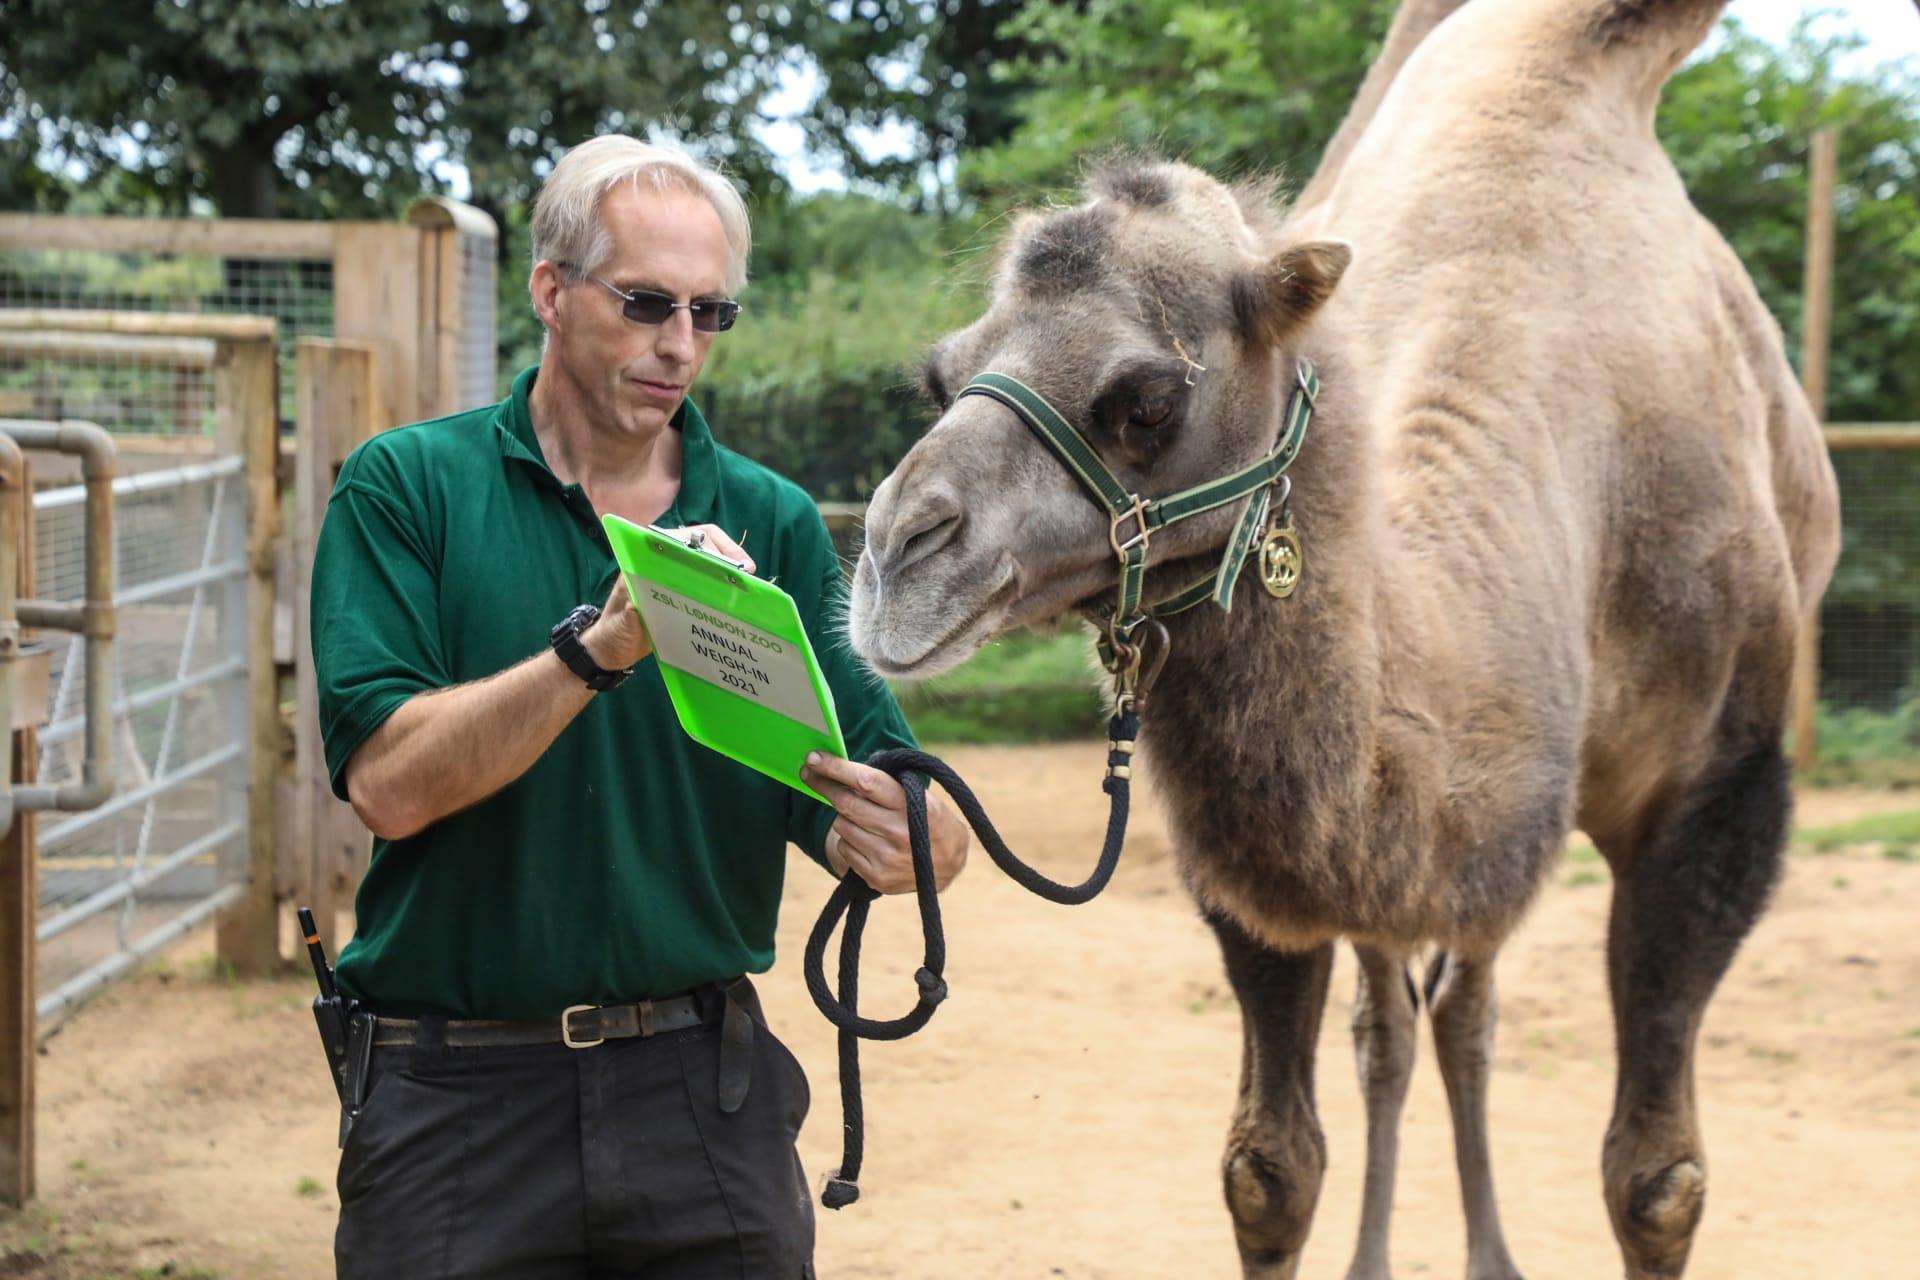 في لندن.. شاهد حراس حديقة حيوانات وهم يلجأون لحيل مبتكرة لأخذ قياسات الحيوانات